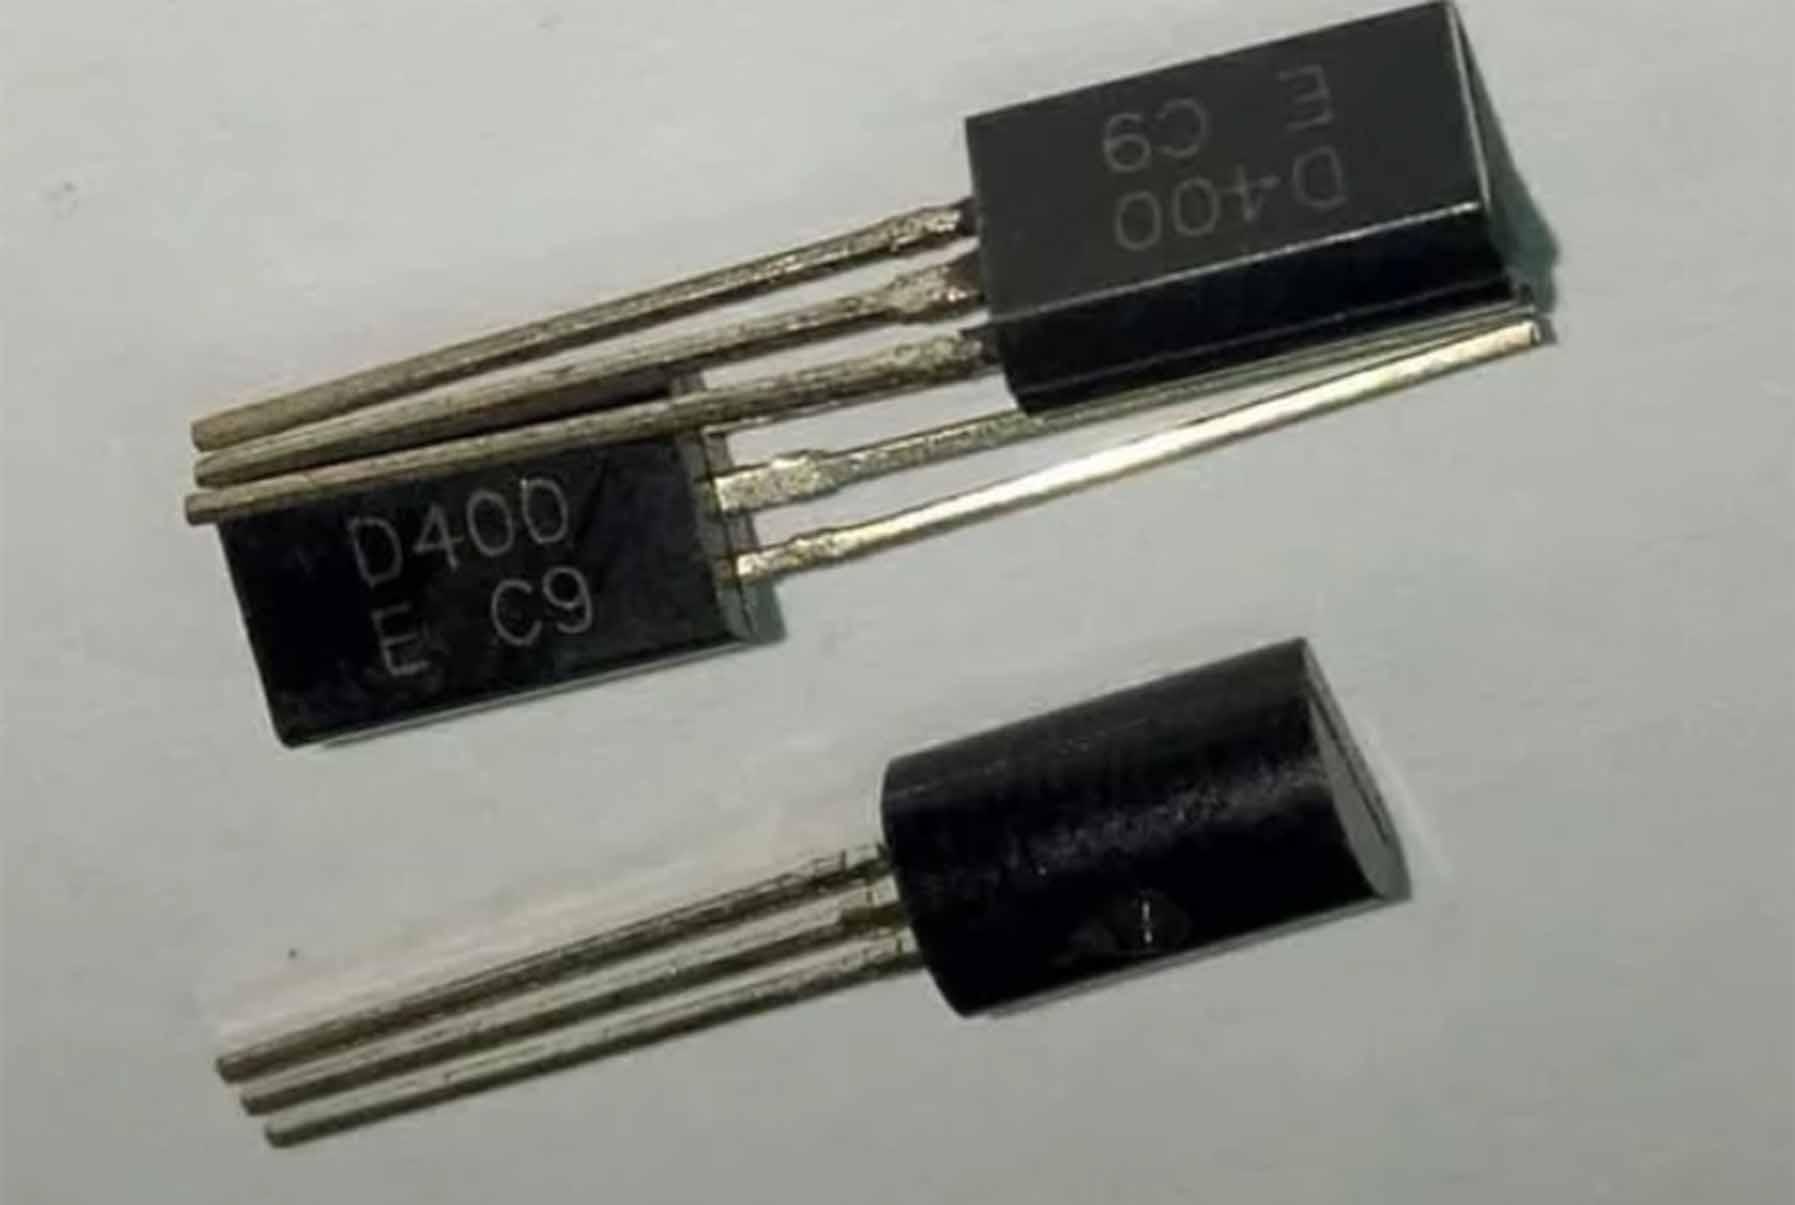 Persamaan Transistor D400 Dan Yang Sejenis